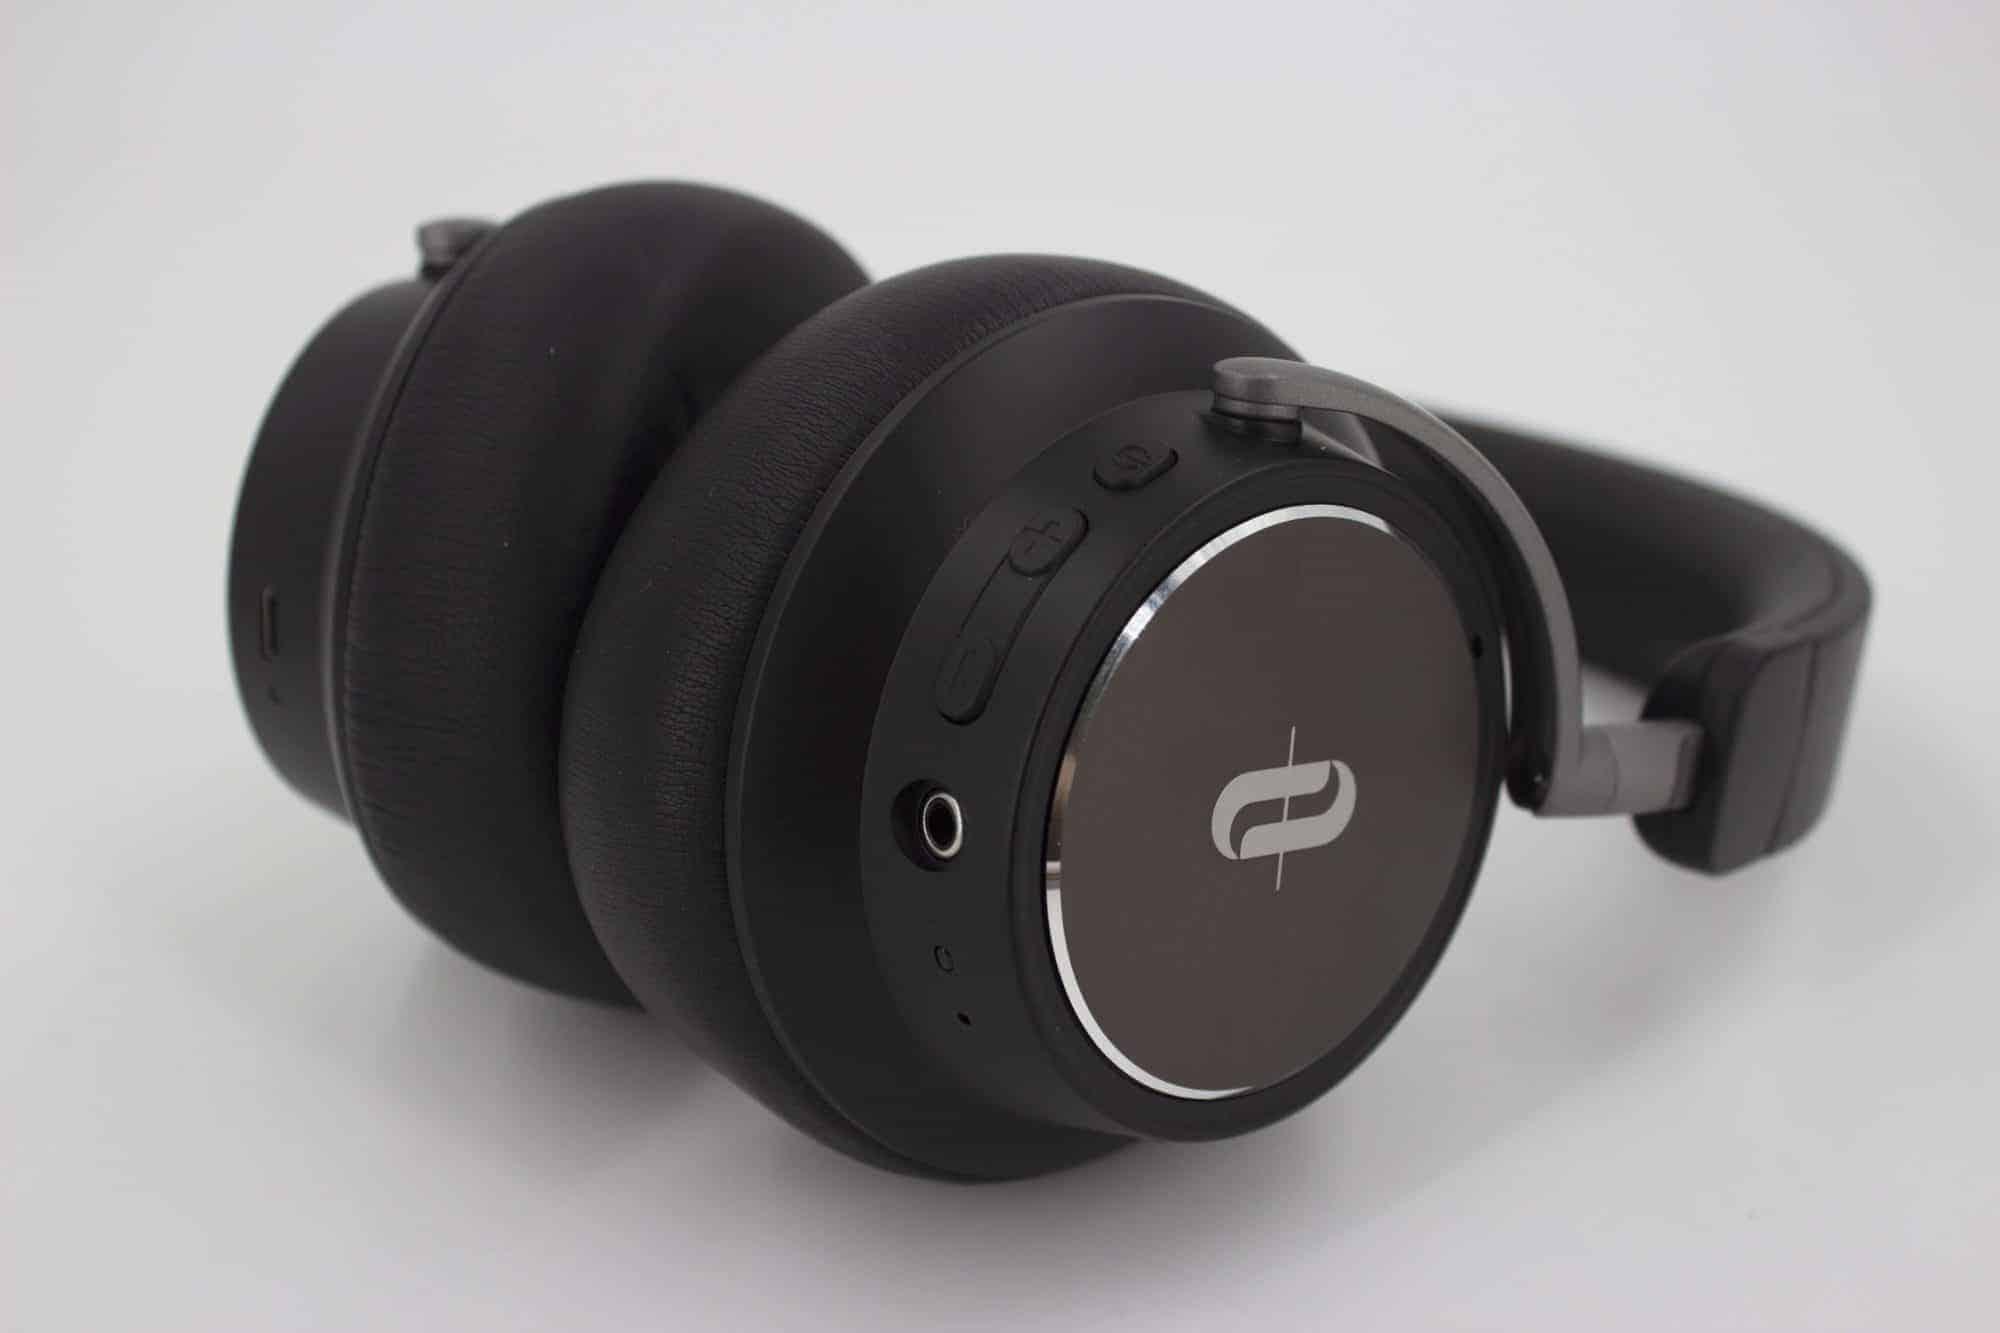 TaoTronics TT-BH046(SoundSurge 46)藍牙降噪耳機推薦 按鍵